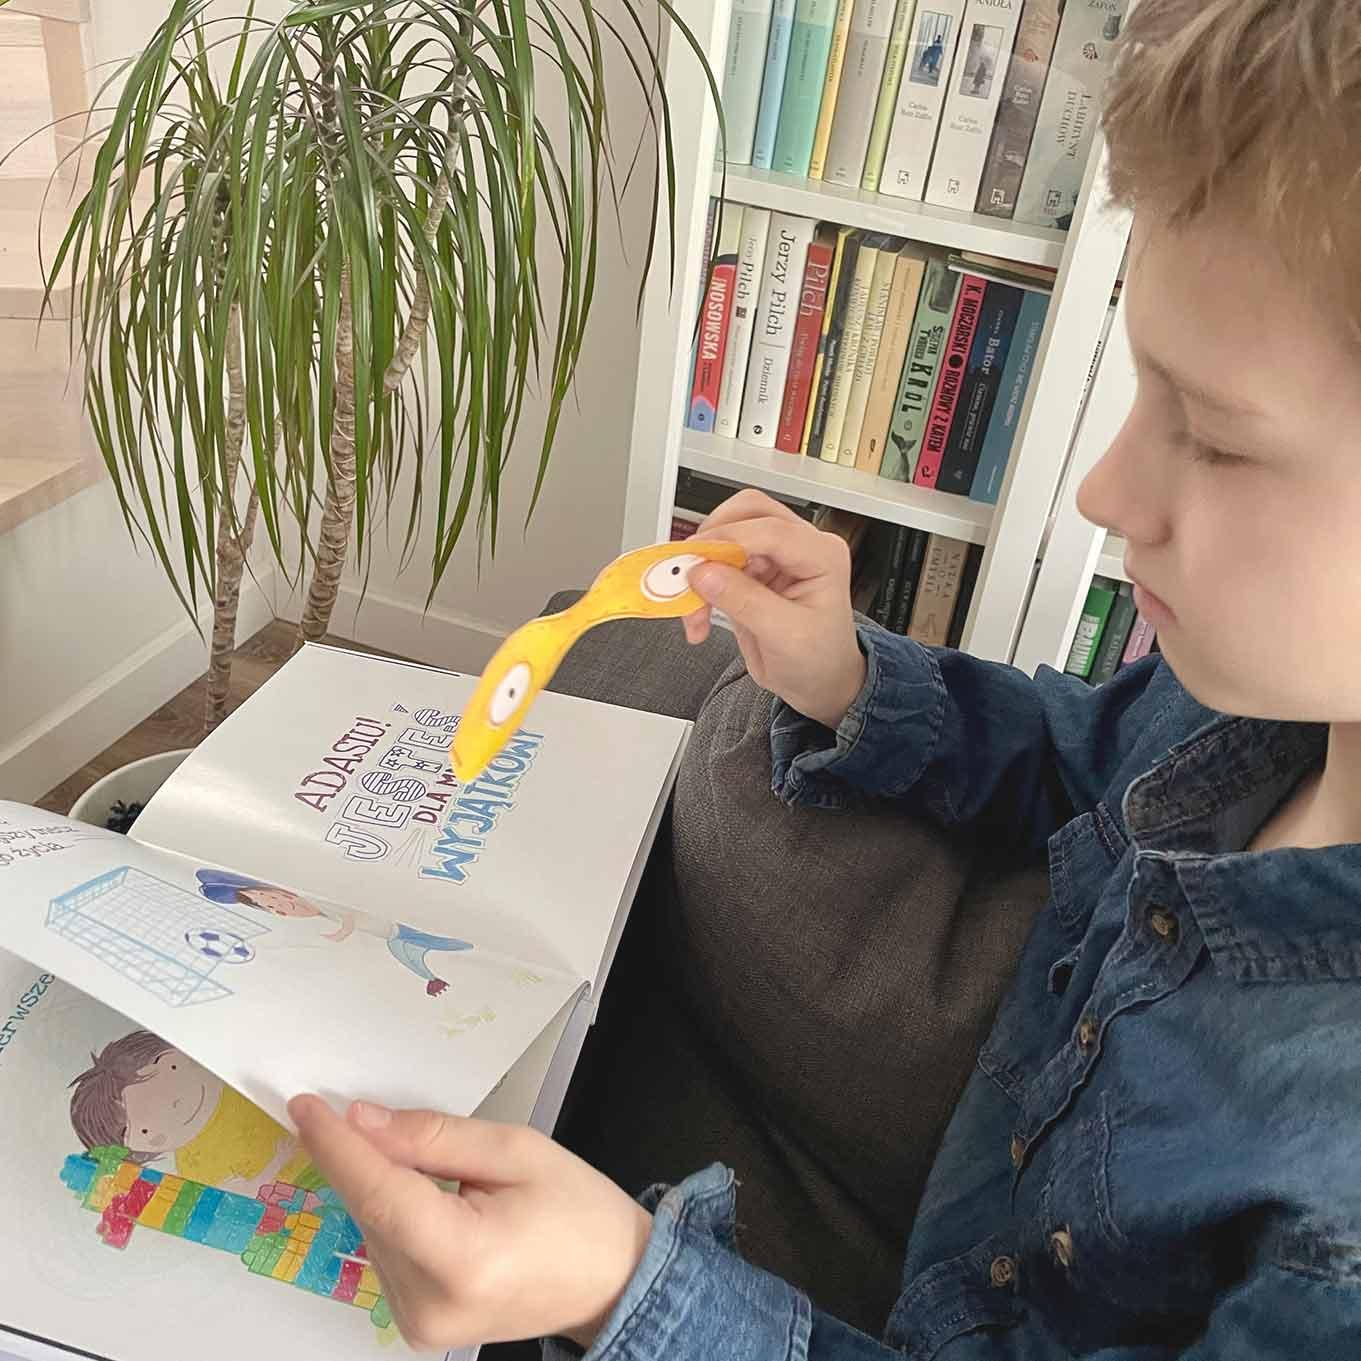 chłopiec czyta książki i bawi się